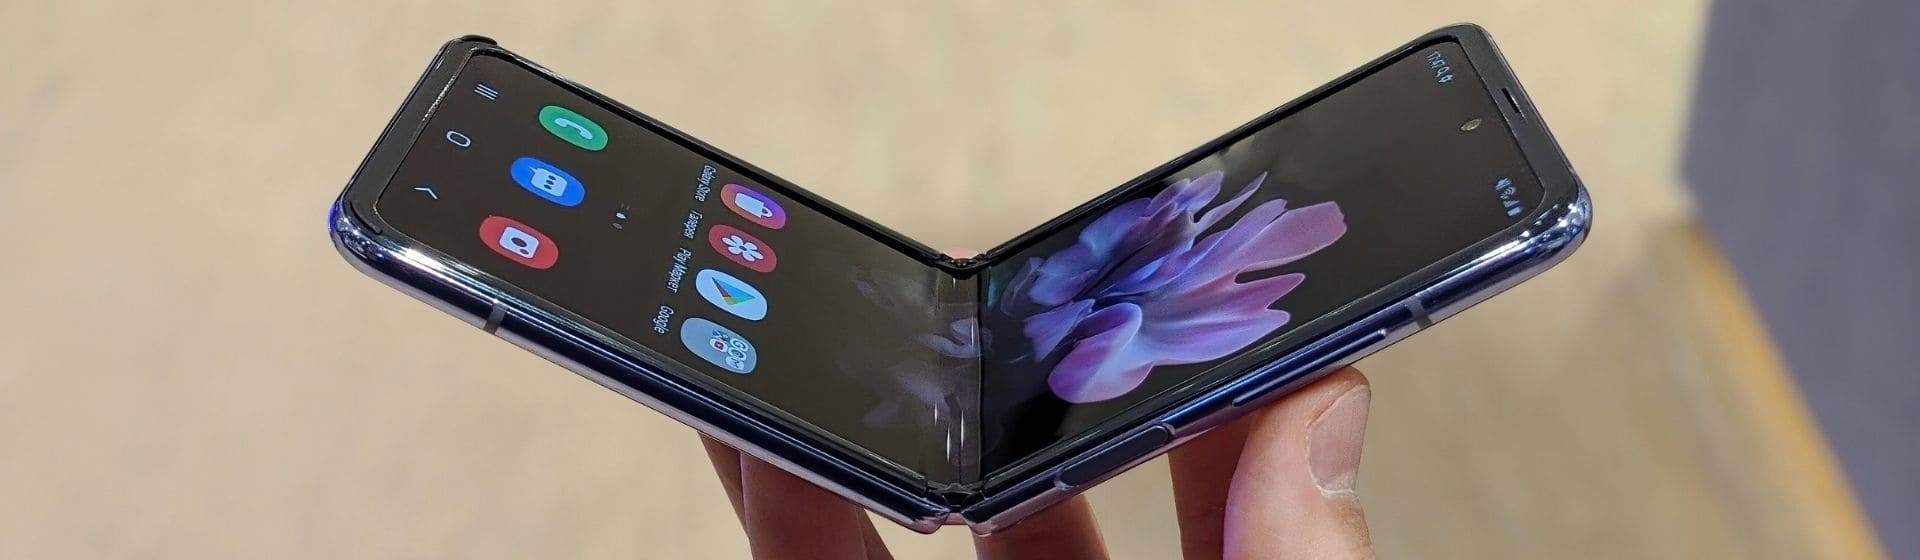 Galaxy Z Flip é bom? Tudo sobre o celular dobrável